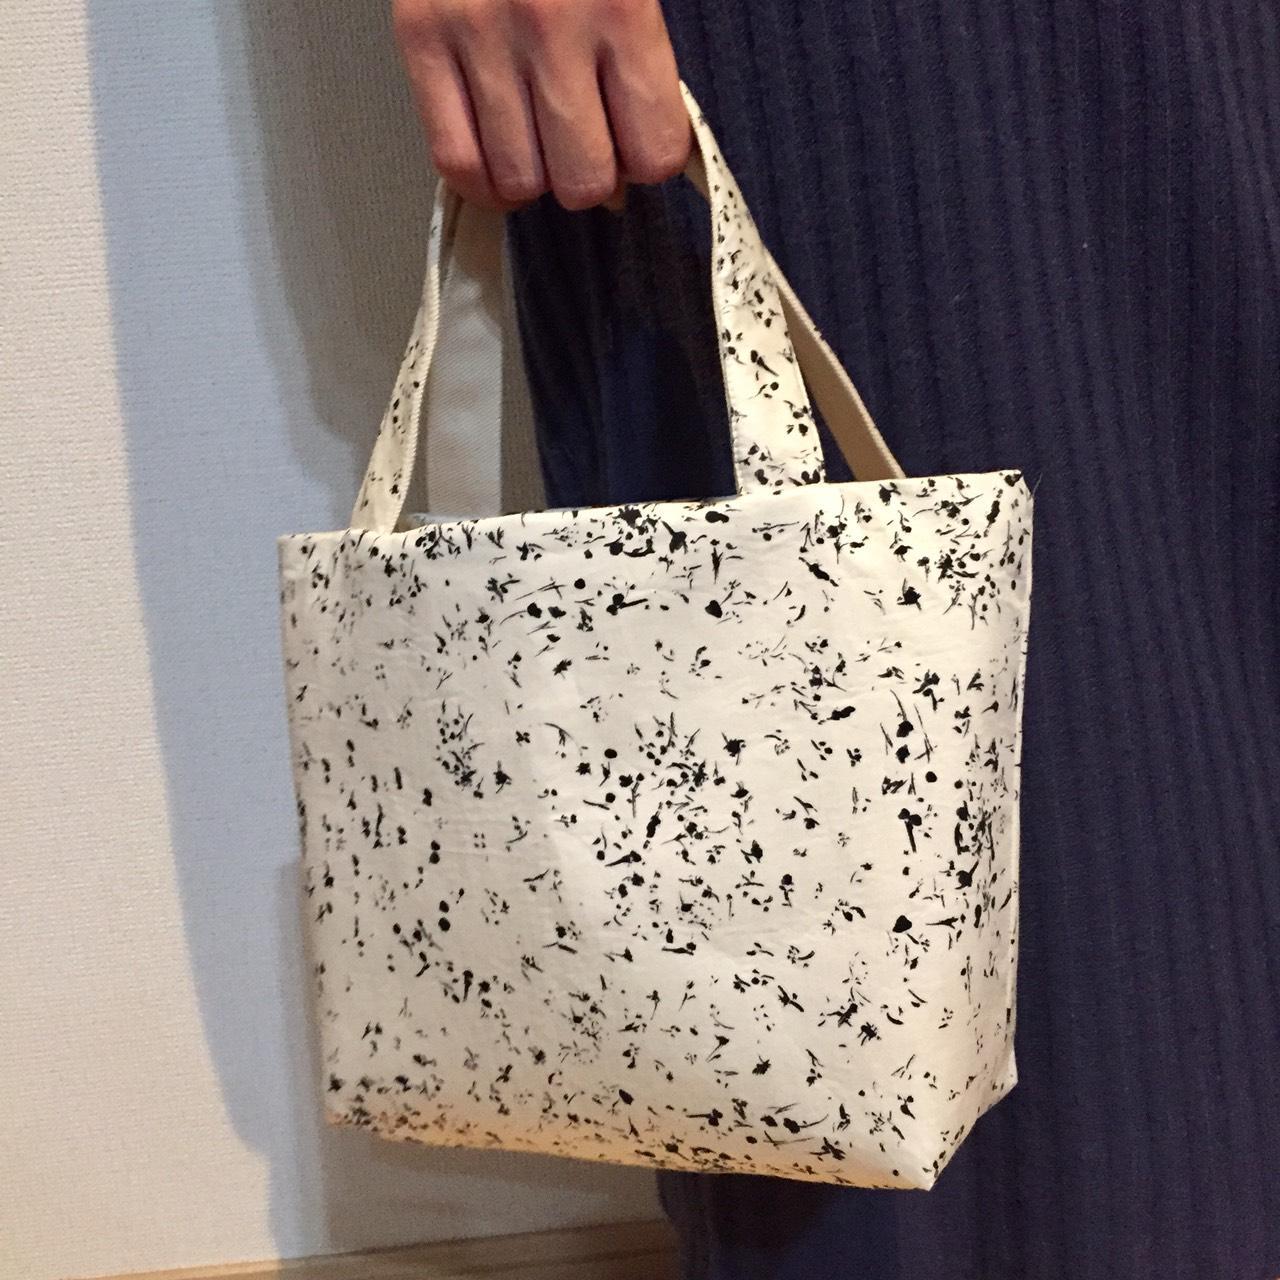 ミニトートバッグを簡単ハンドメイド (ハンドバッグ / かごバッグ)